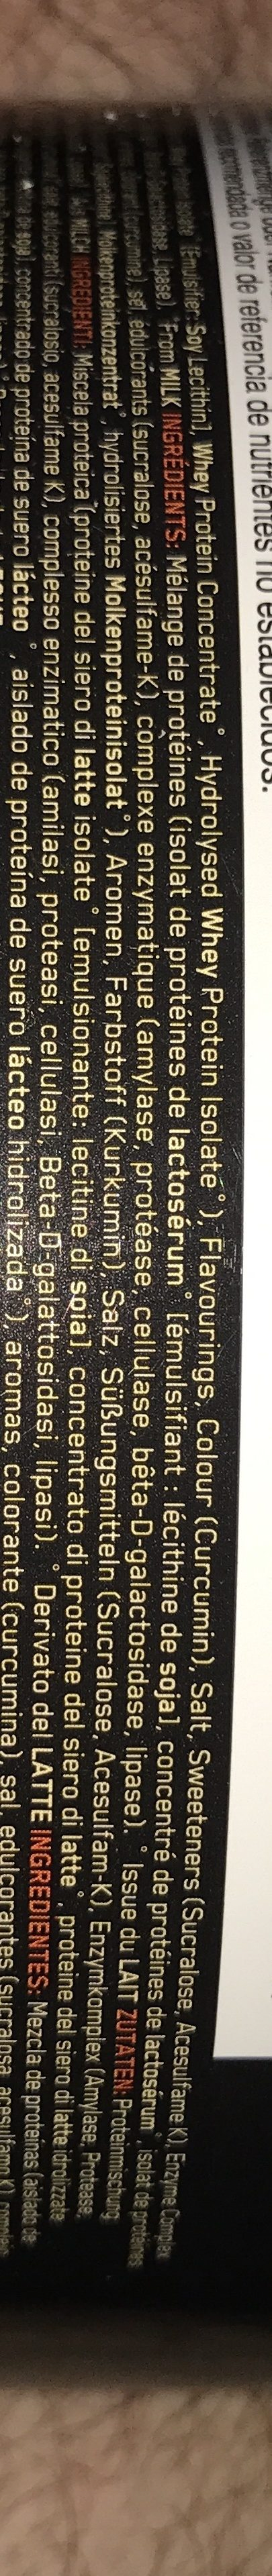 Whey Gold Standard (2,2 KG) Optimum Nutrition P? - Ingredients - en